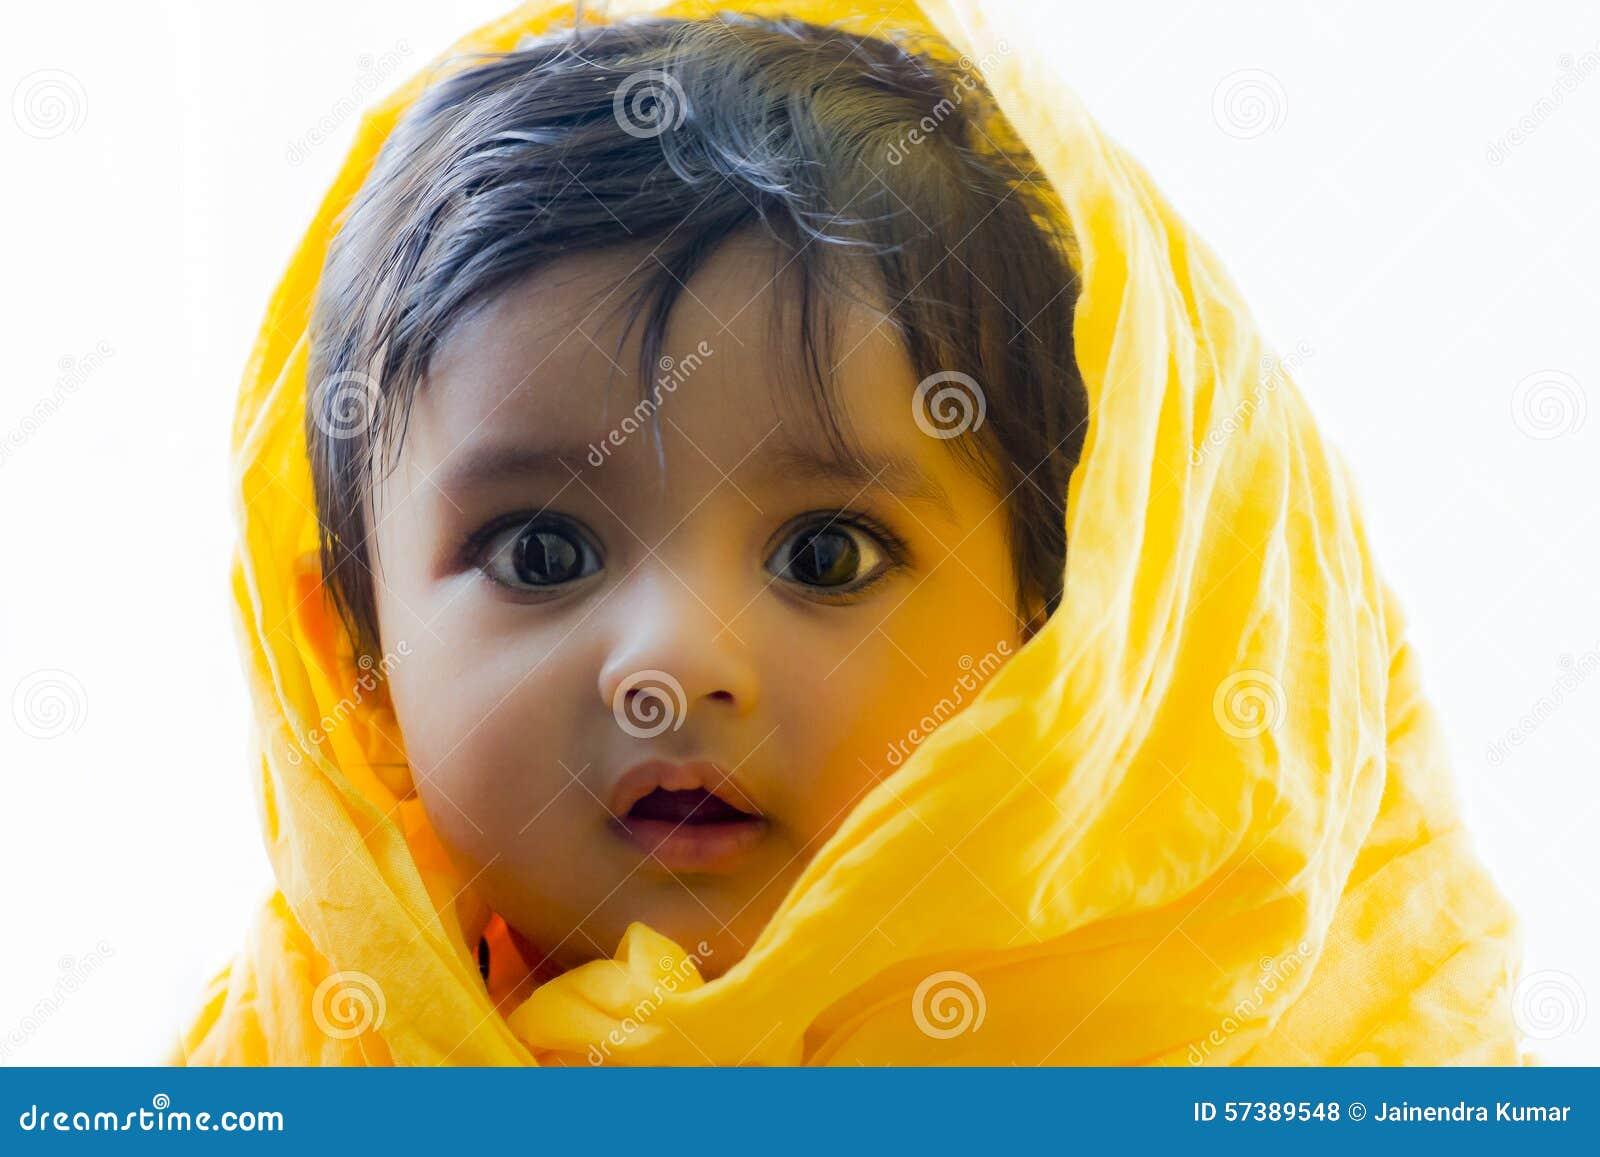 Foto del bebé indio lindo y feliz con los ojos expresivos